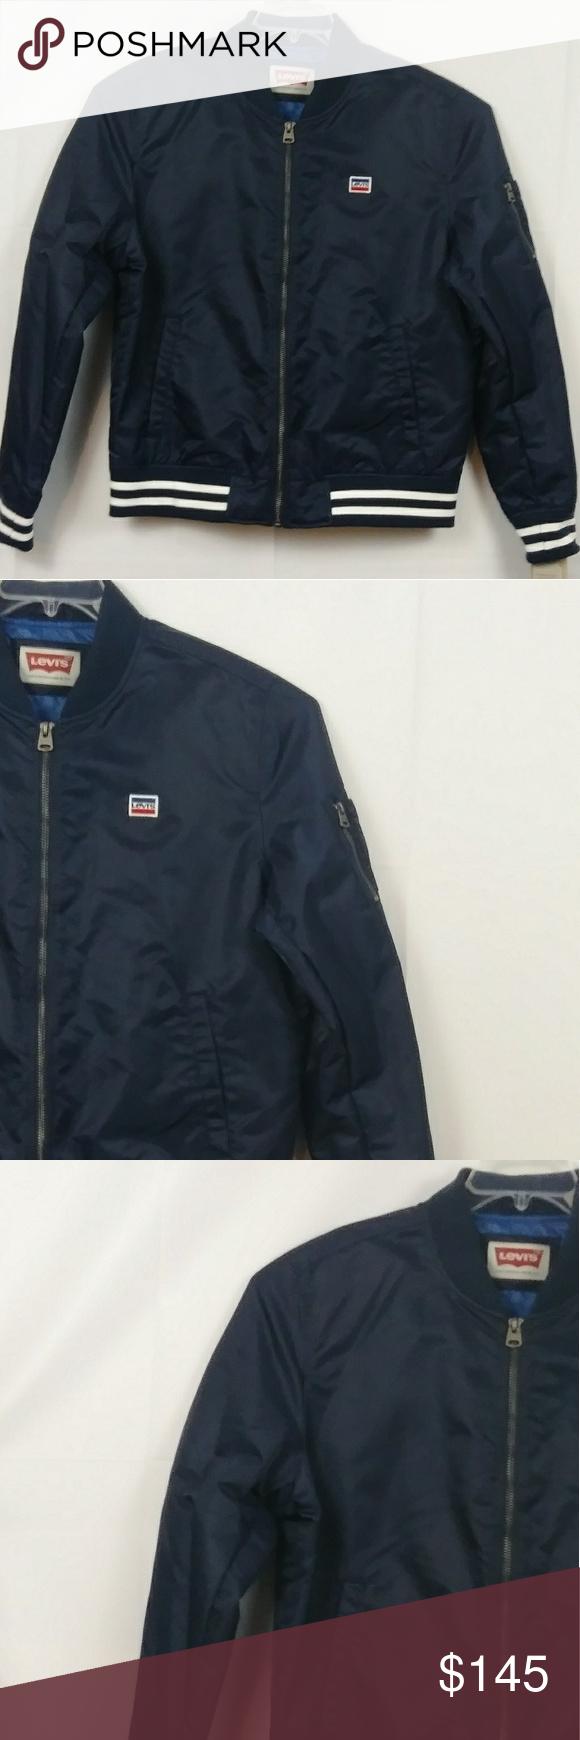 Nwt Levi S Varsity Bomber Jacket Men S Size Xl Bomber Jacket Mens Varsity Bomber Jacket Clothes Design [ 1740 x 580 Pixel ]